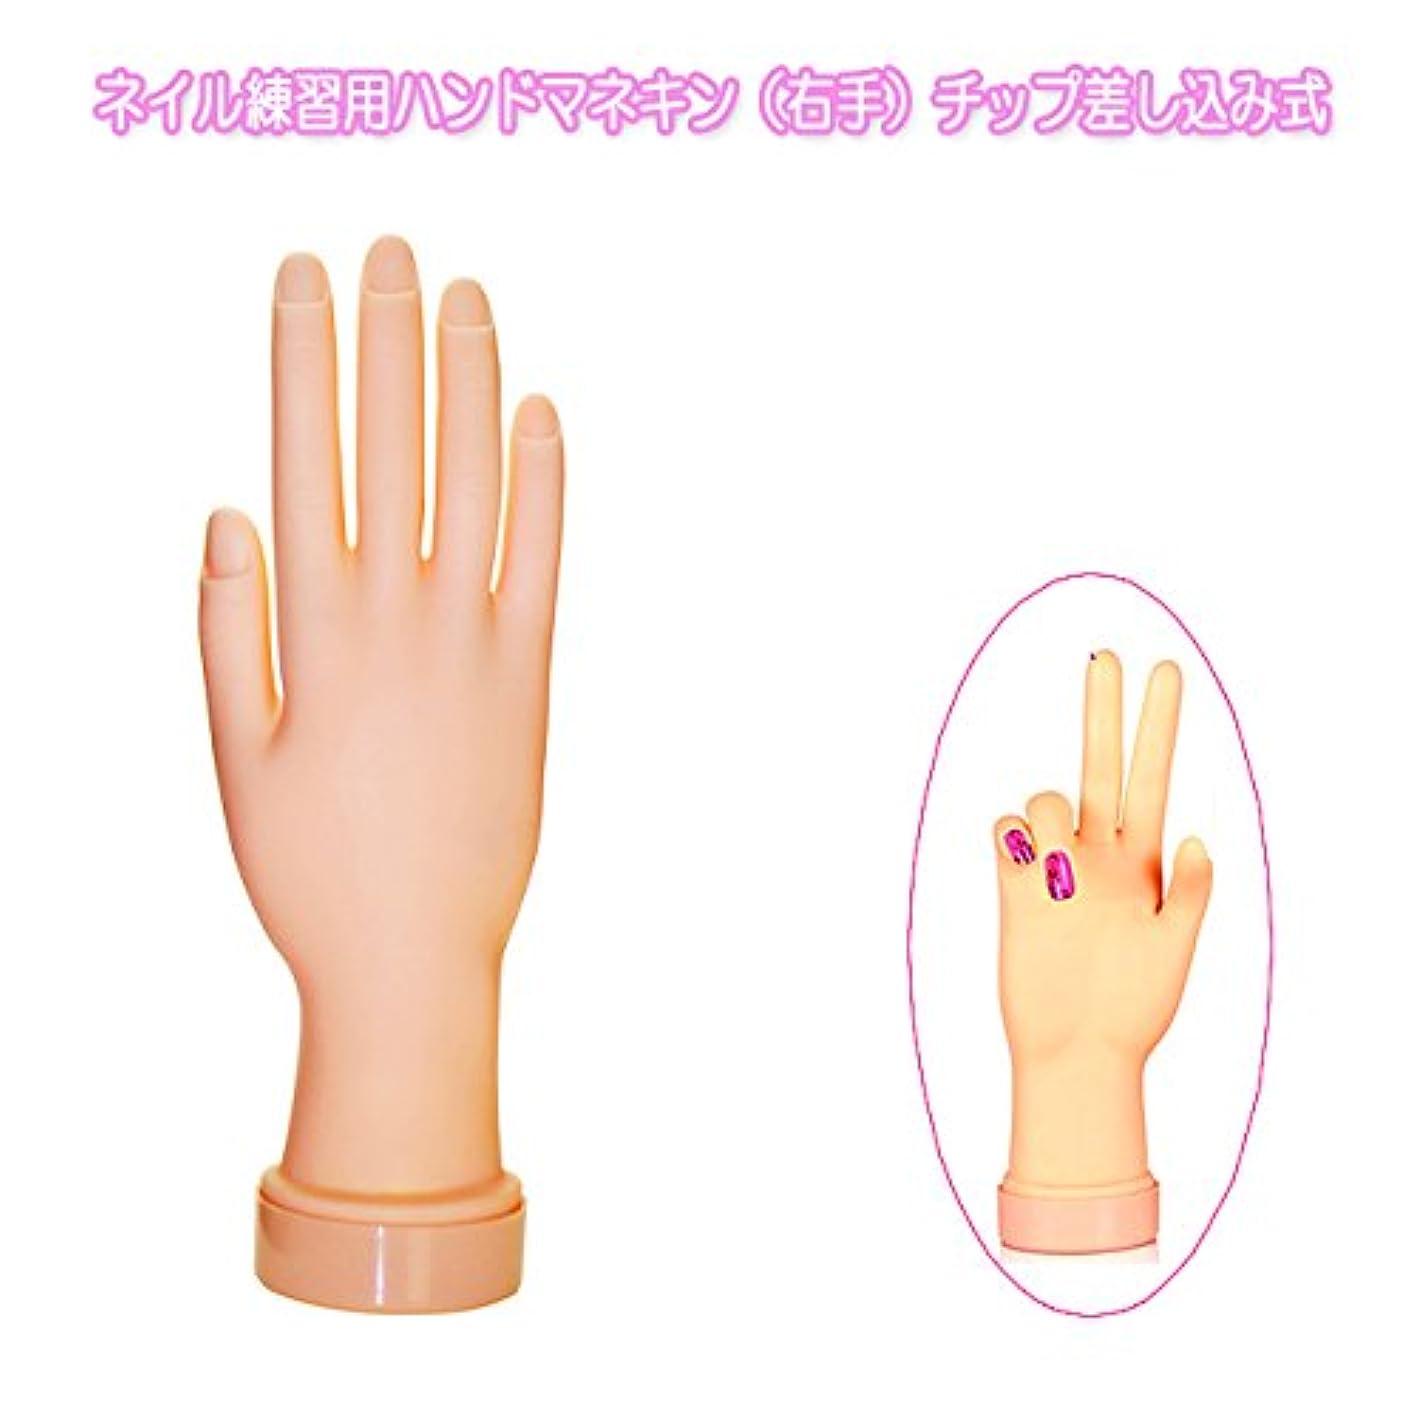 普遍的なずらす知っているに立ち寄るネイル練習用ハンドマネキン(右手)チップ差し込み式